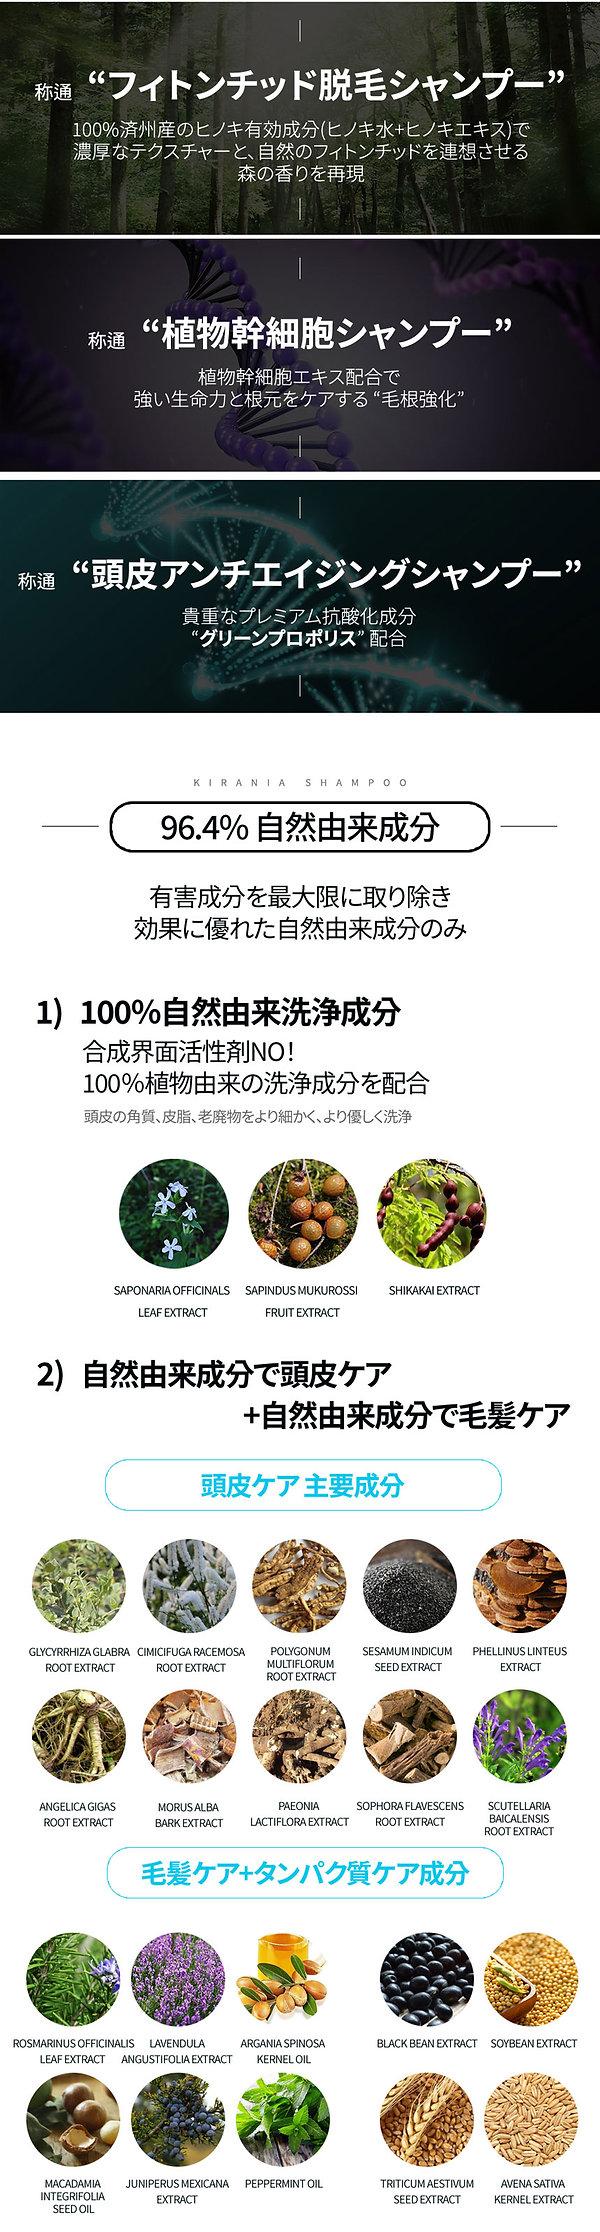 키라니아-(일본어)-4 .jpg